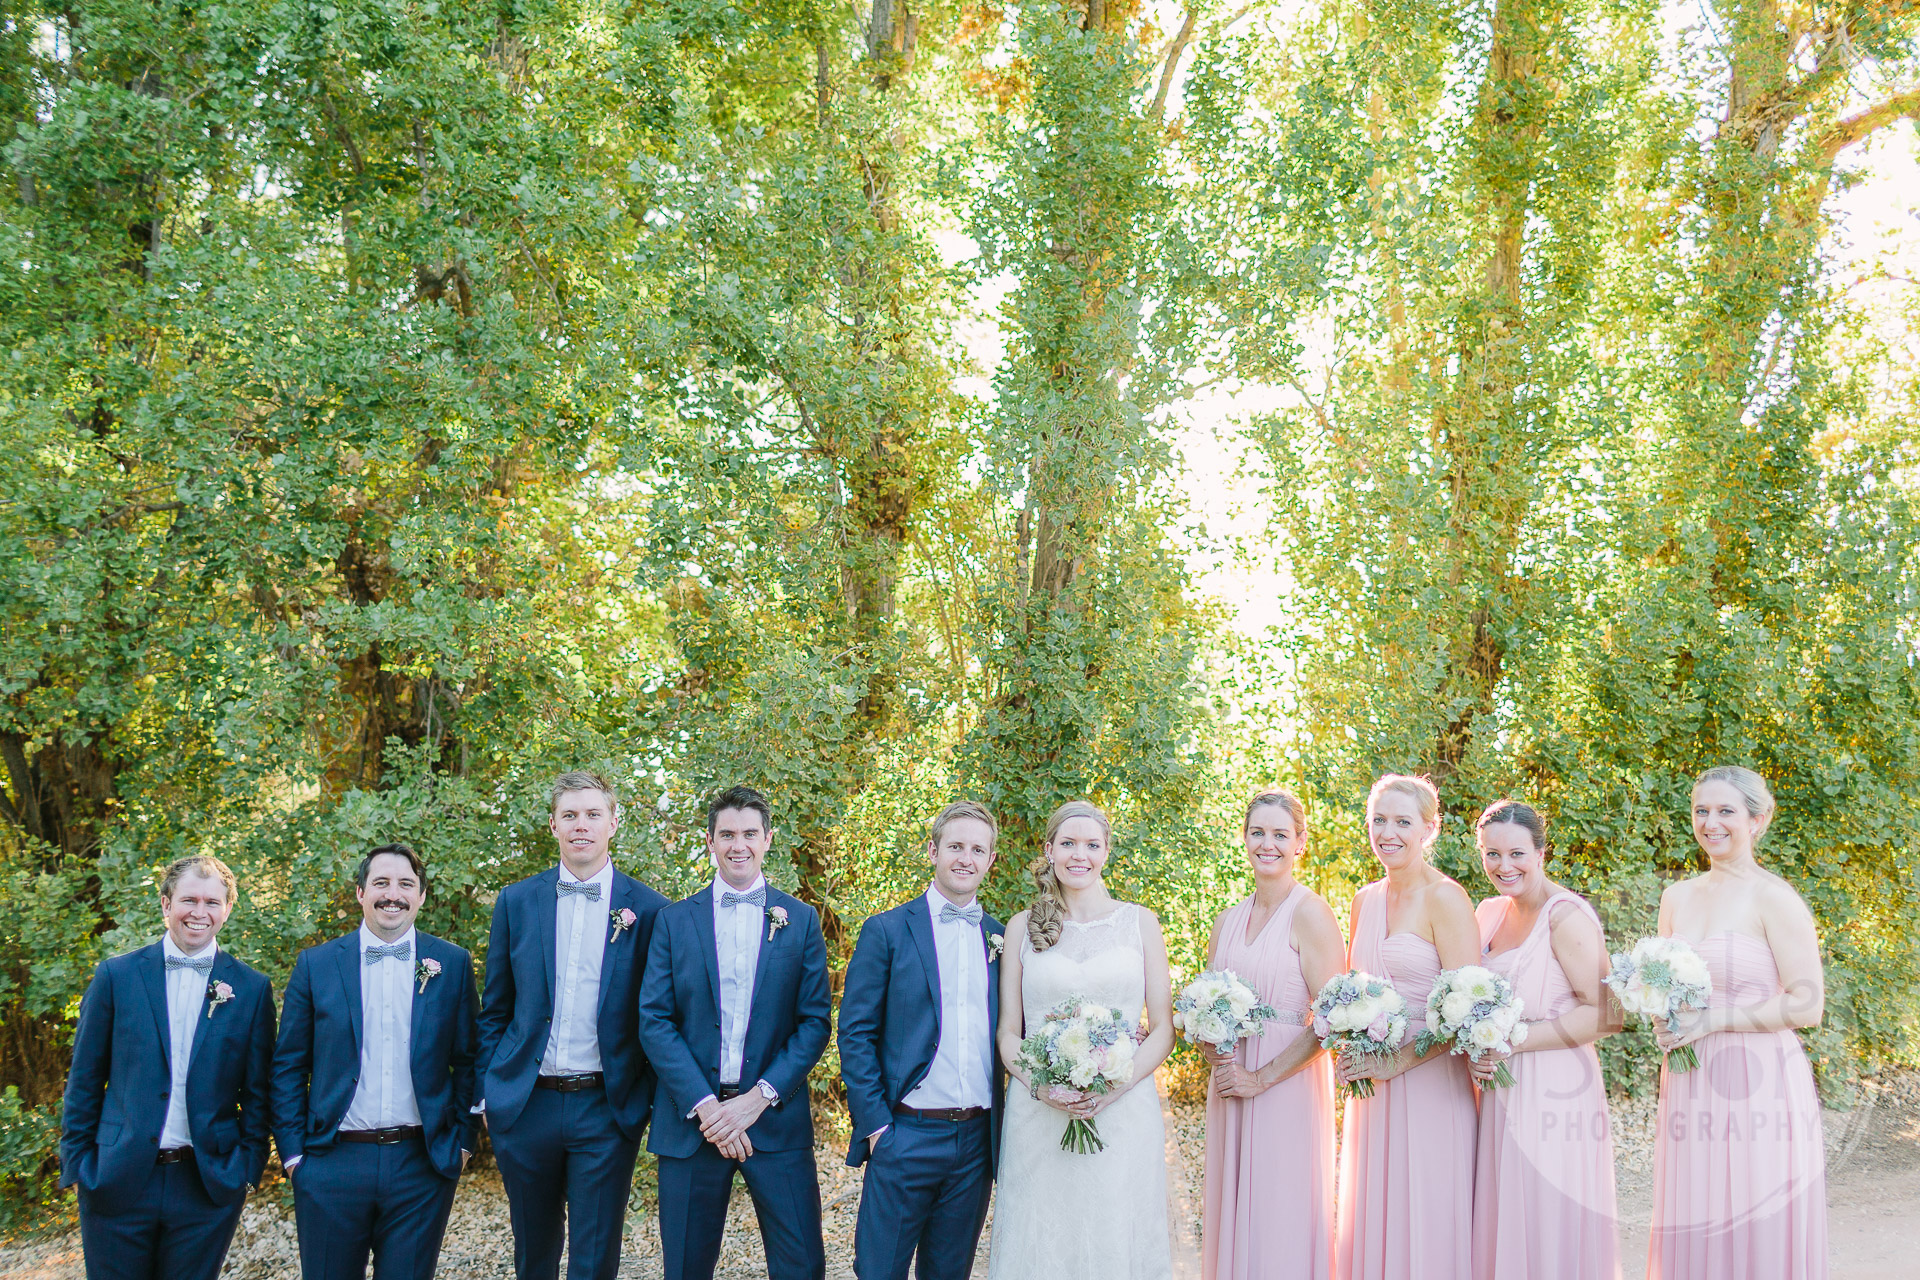 Renmark-wedding-photography